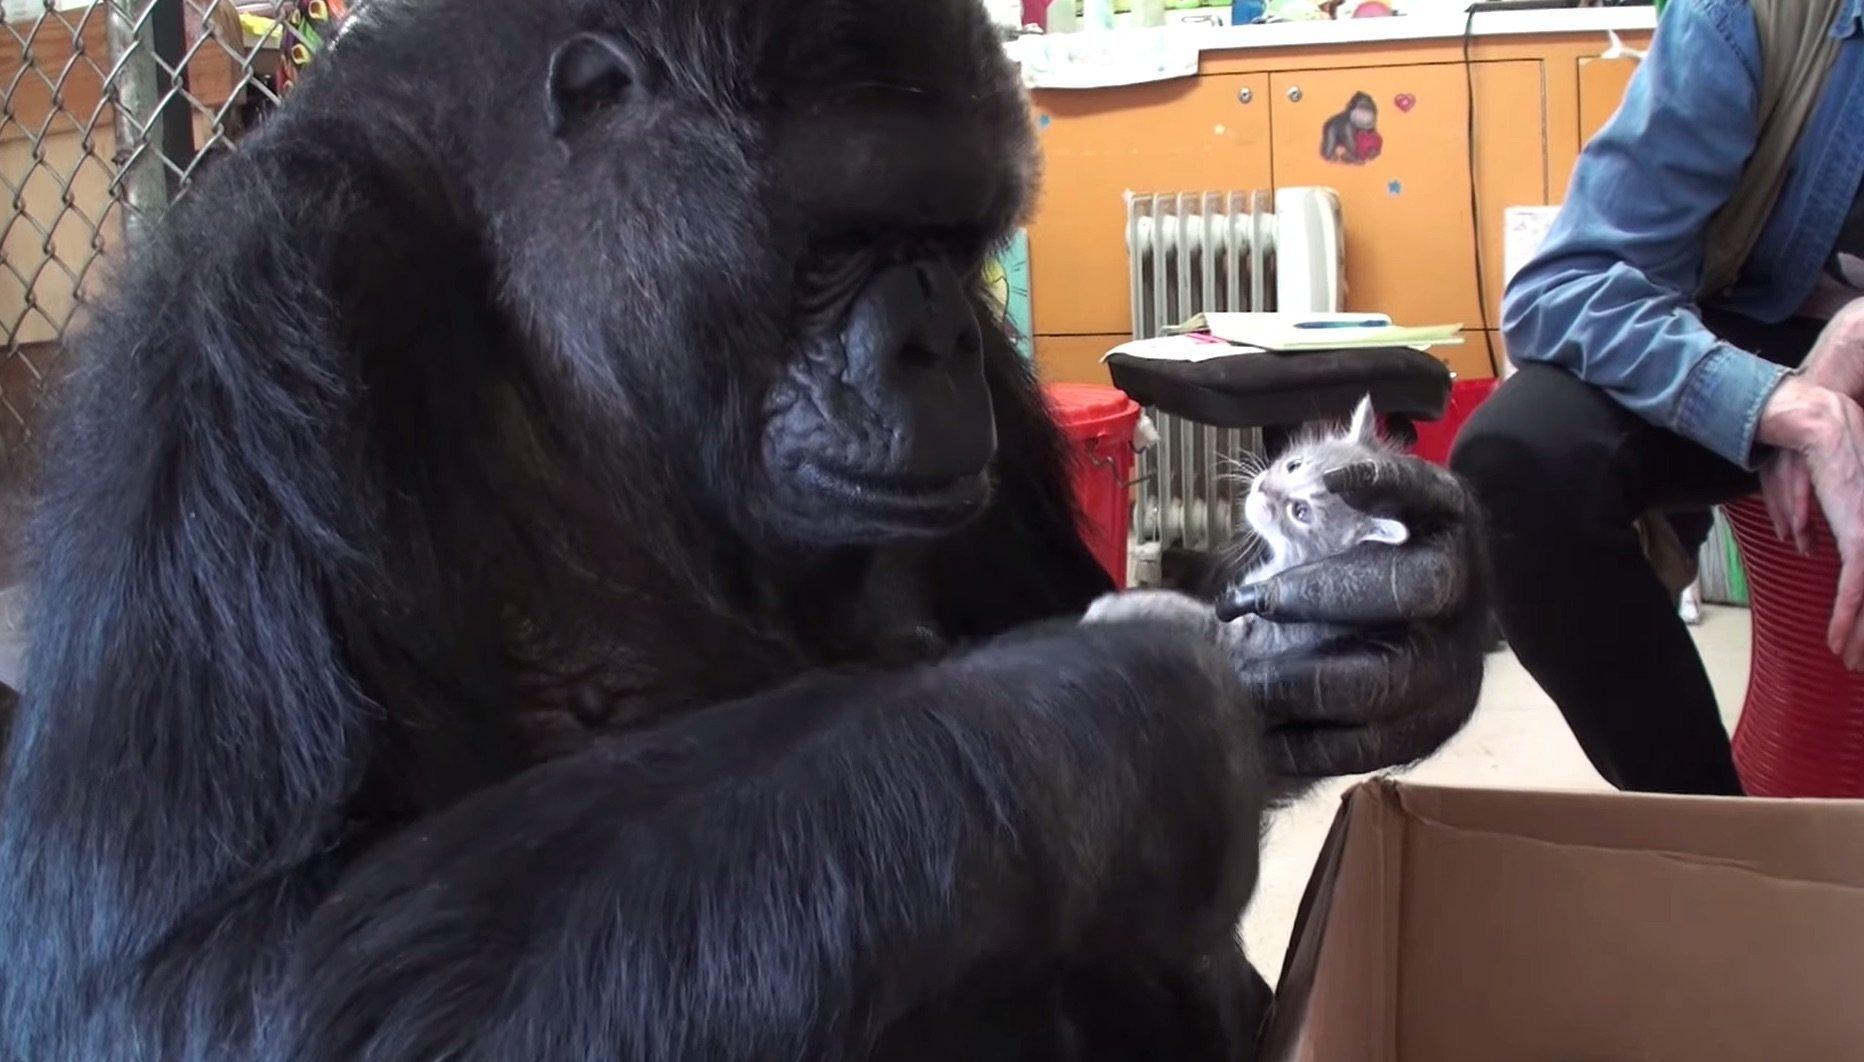 Koko and her kitten, Ms. Gray